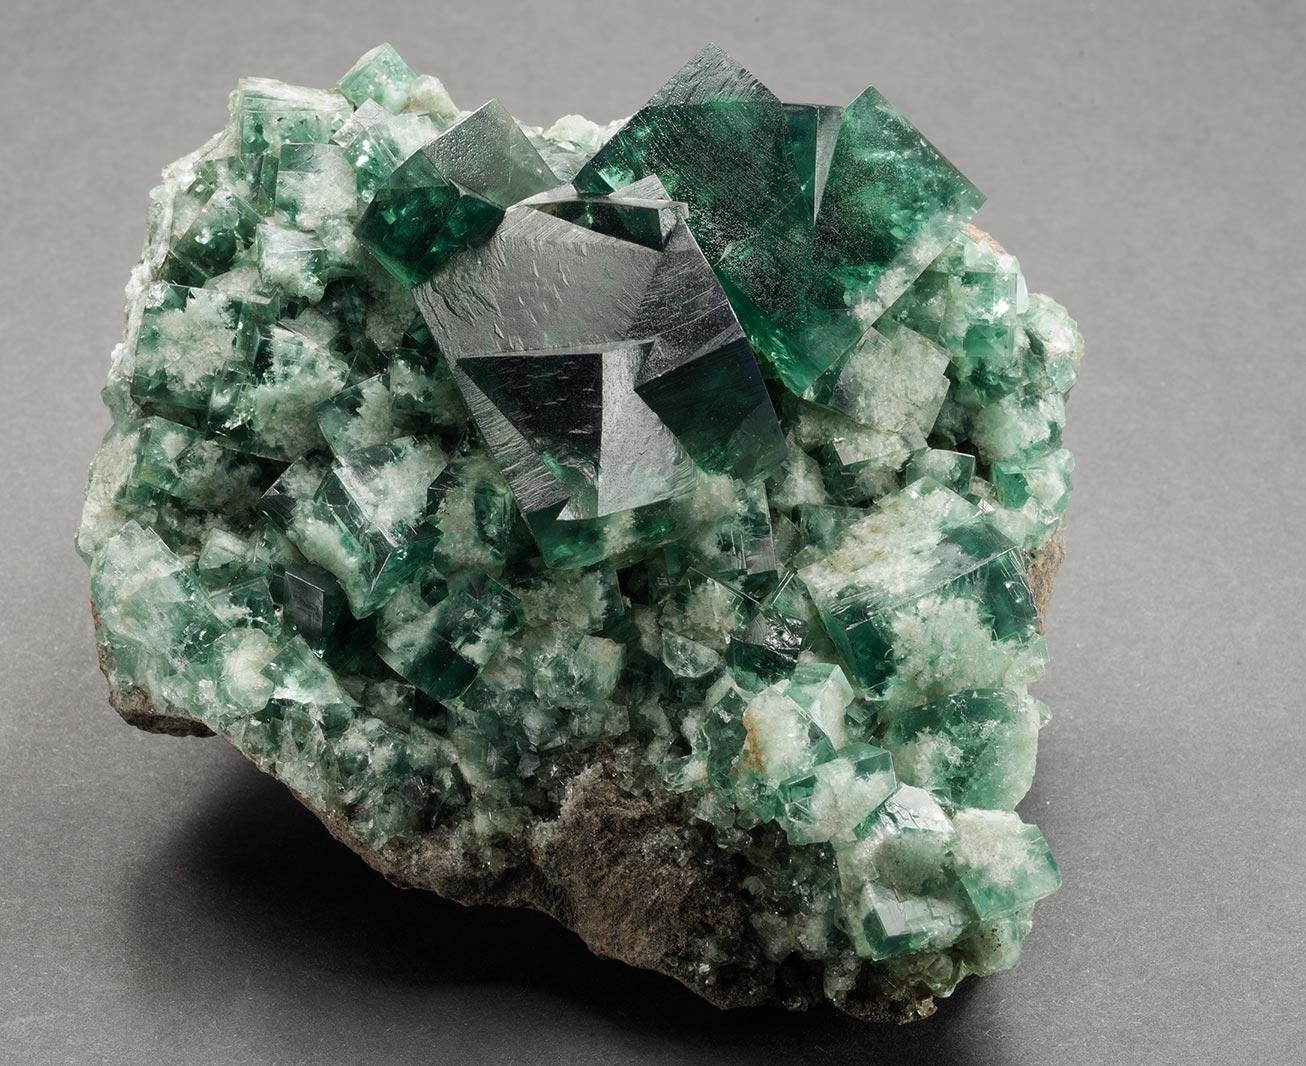 Fluorite, Rogerley mine,Stanhope, Weardale. 95x80x45mm